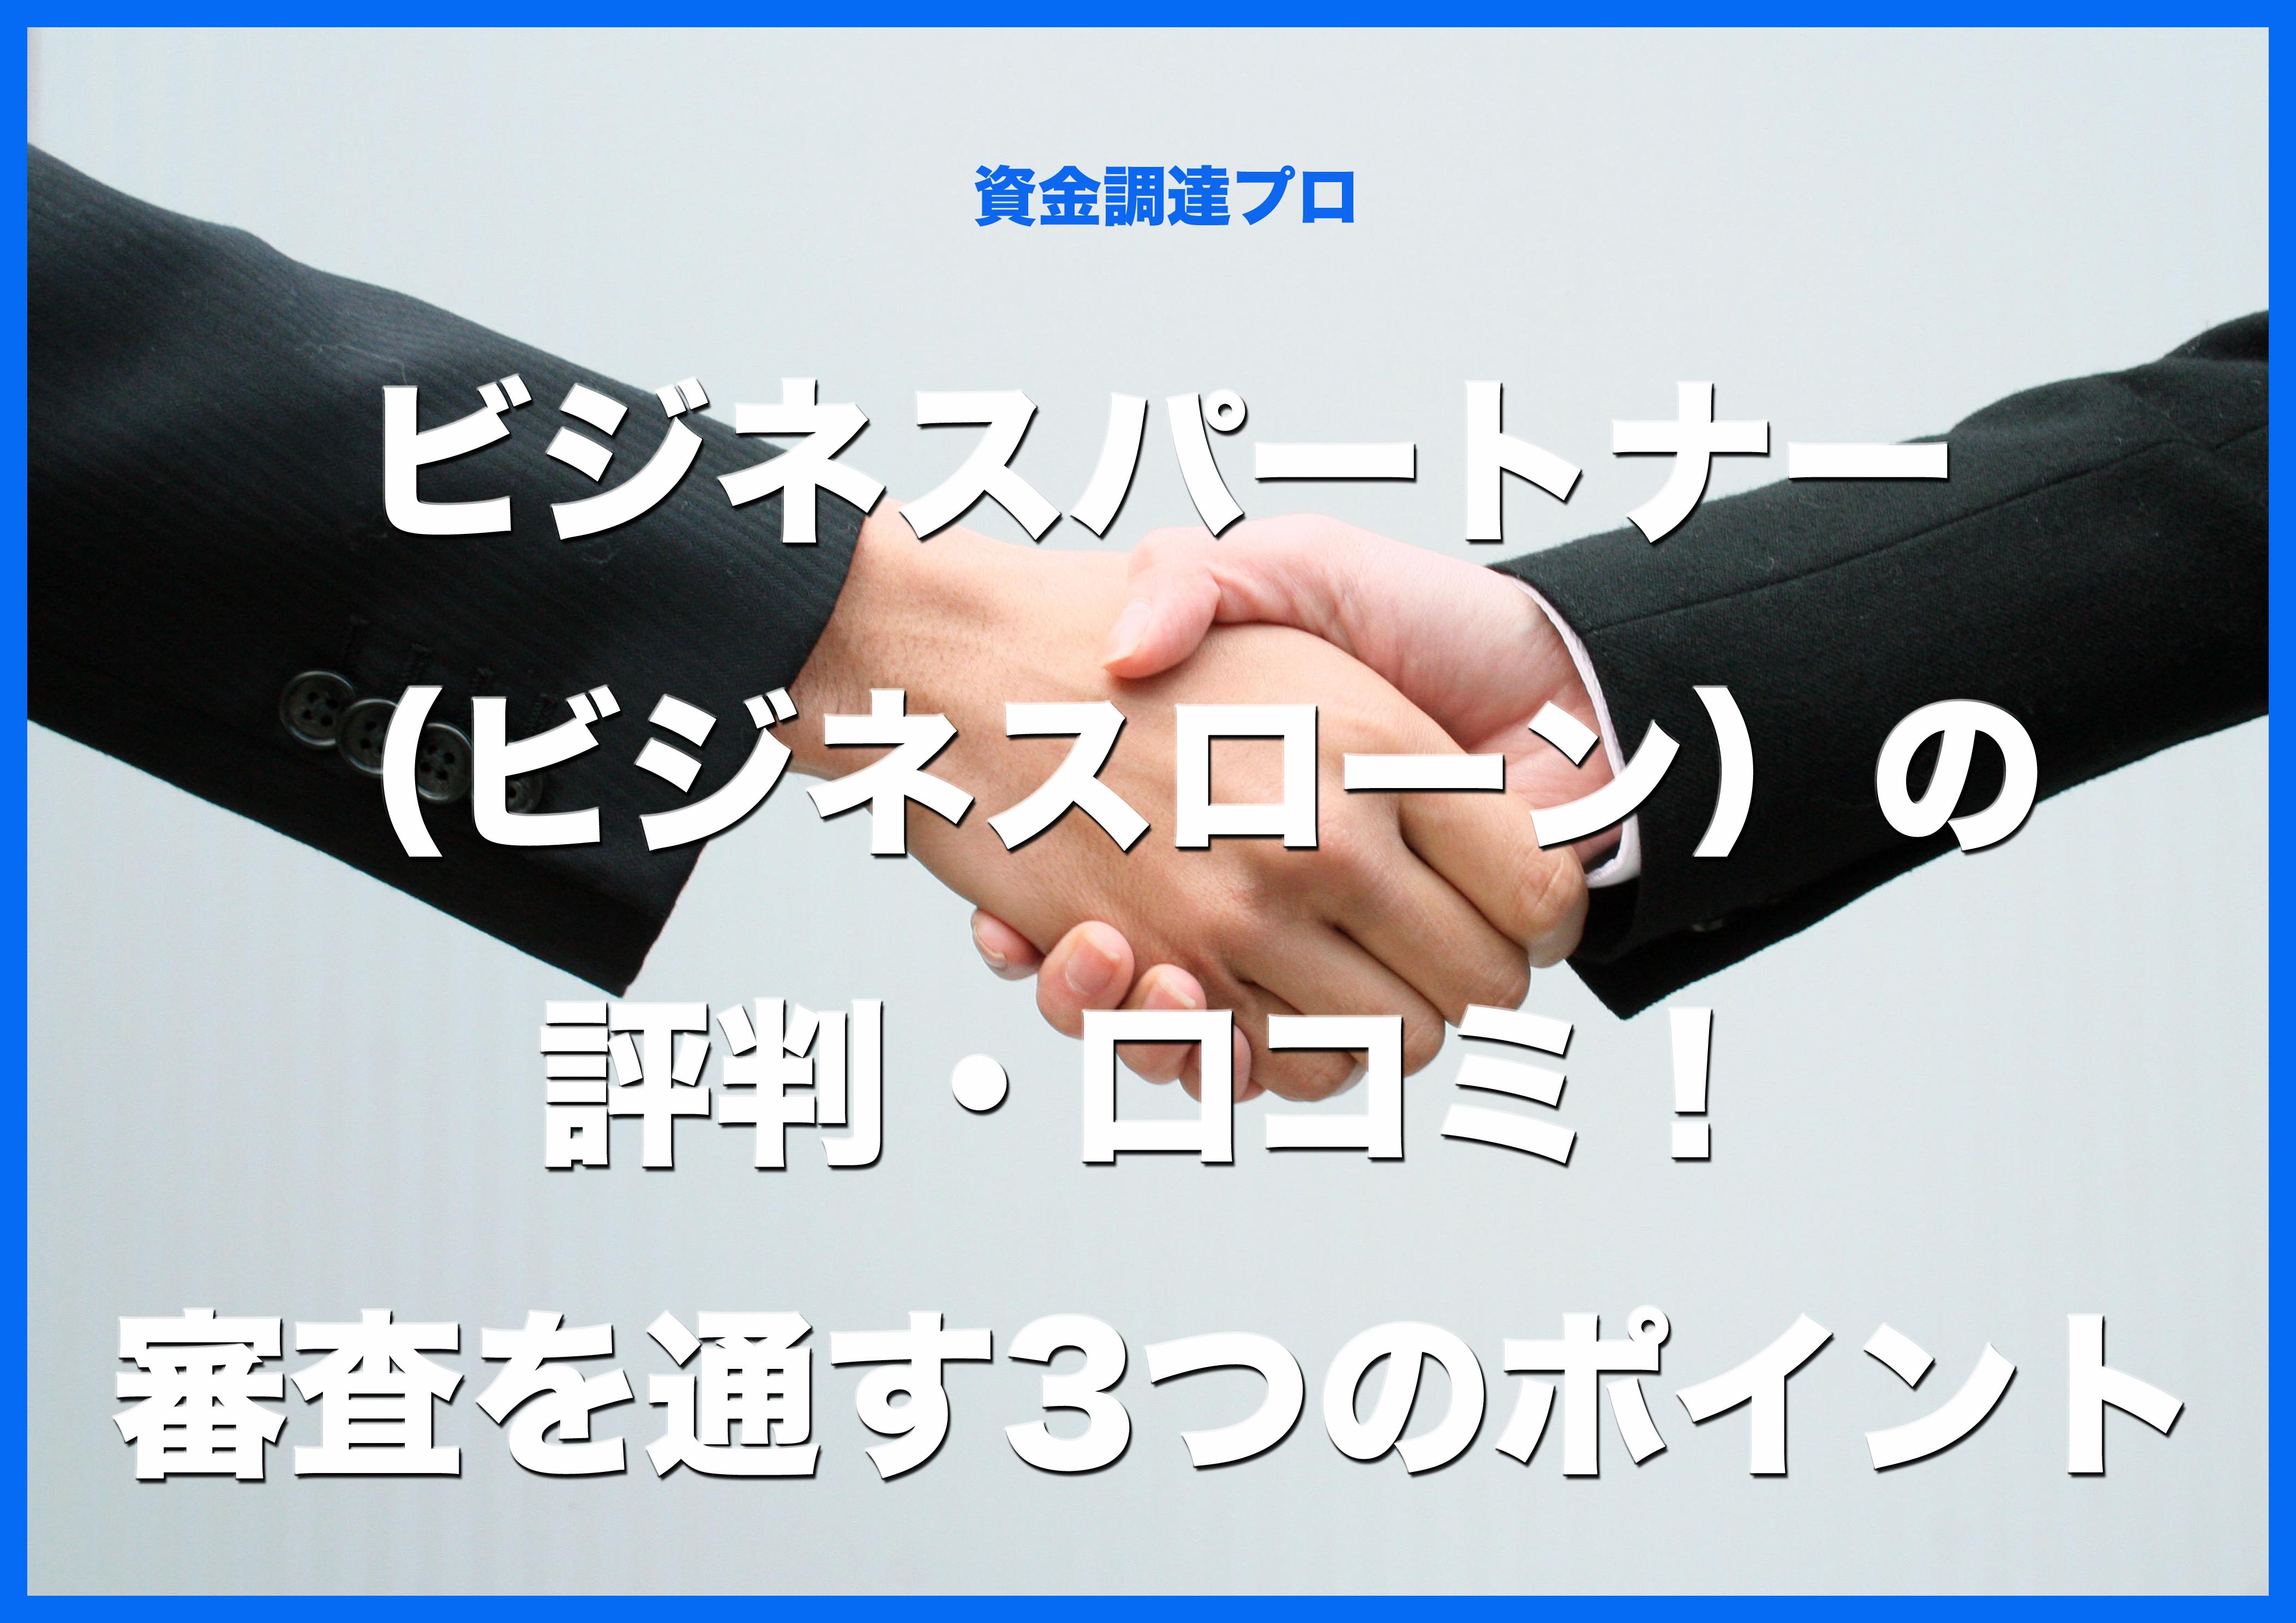 【最新2020年版】ビジネスパートナービジネスローンの評判と口コミ!ローン審査を通す3つのポイント!